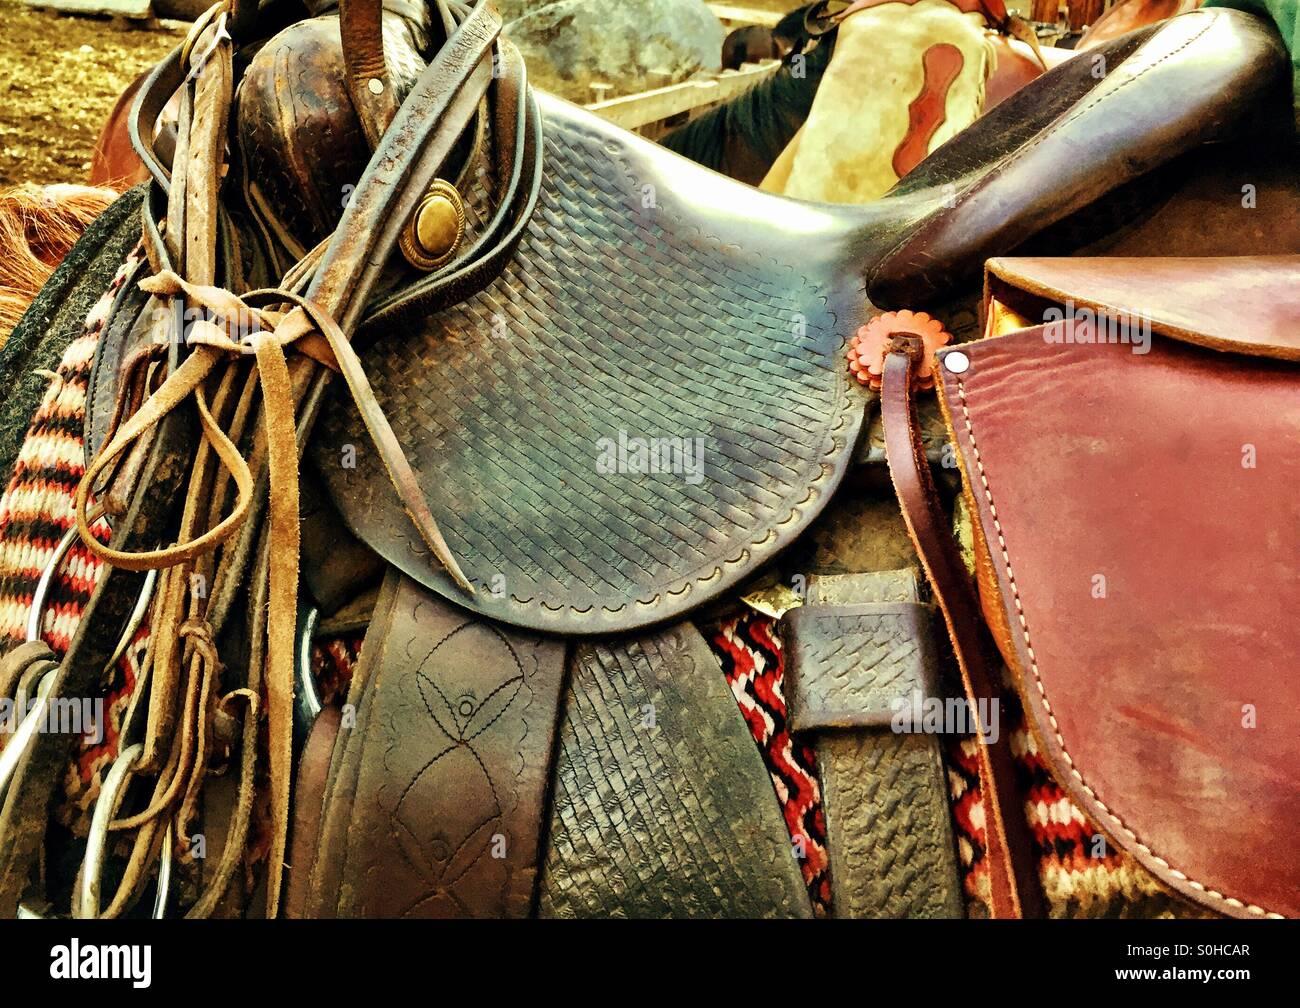 American Western horse saddle, bridle, tacking. - Stock Image